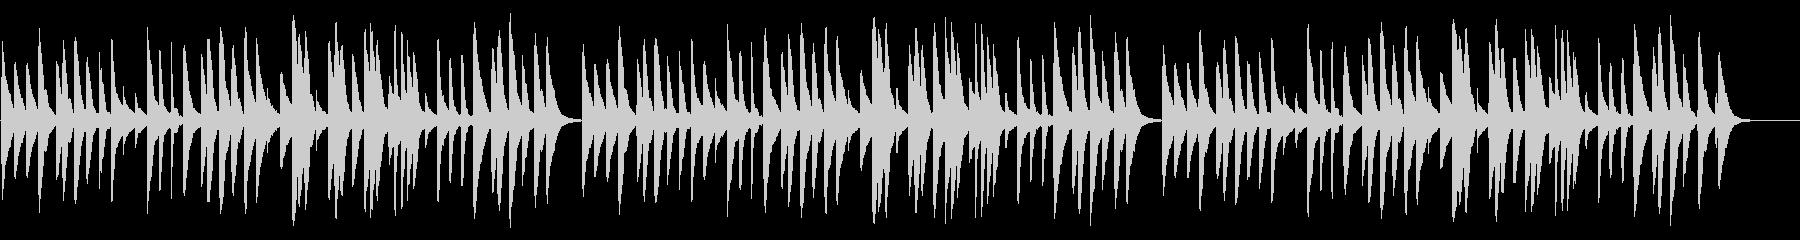 ふるさと 18弁オルゴールの未再生の波形